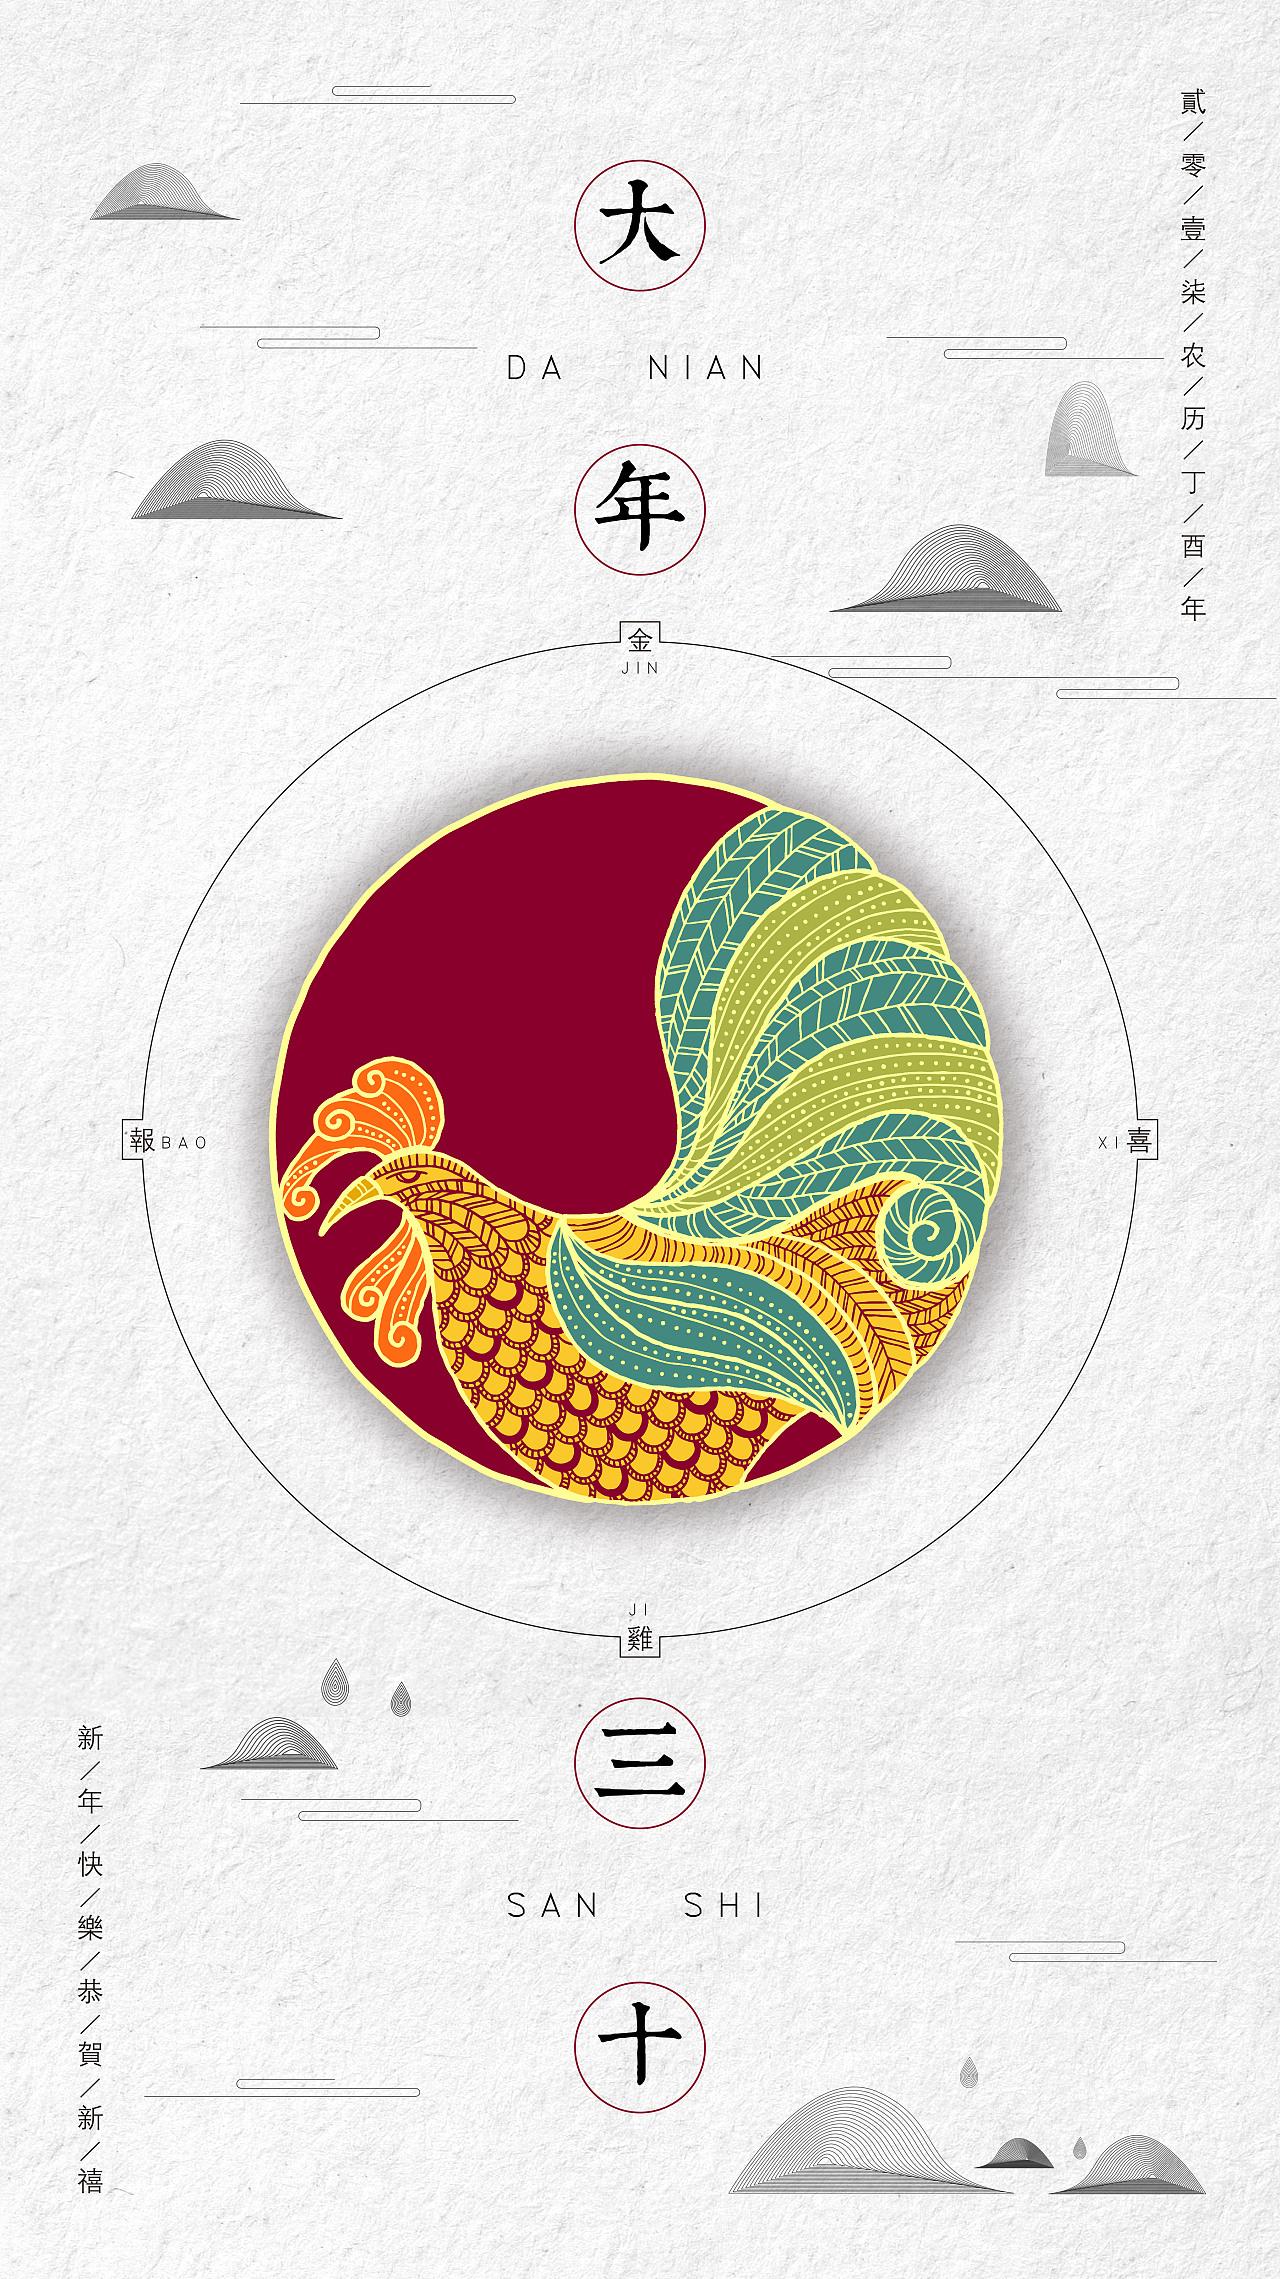 微信公众号大年三十到初七海报推送祝福.图片